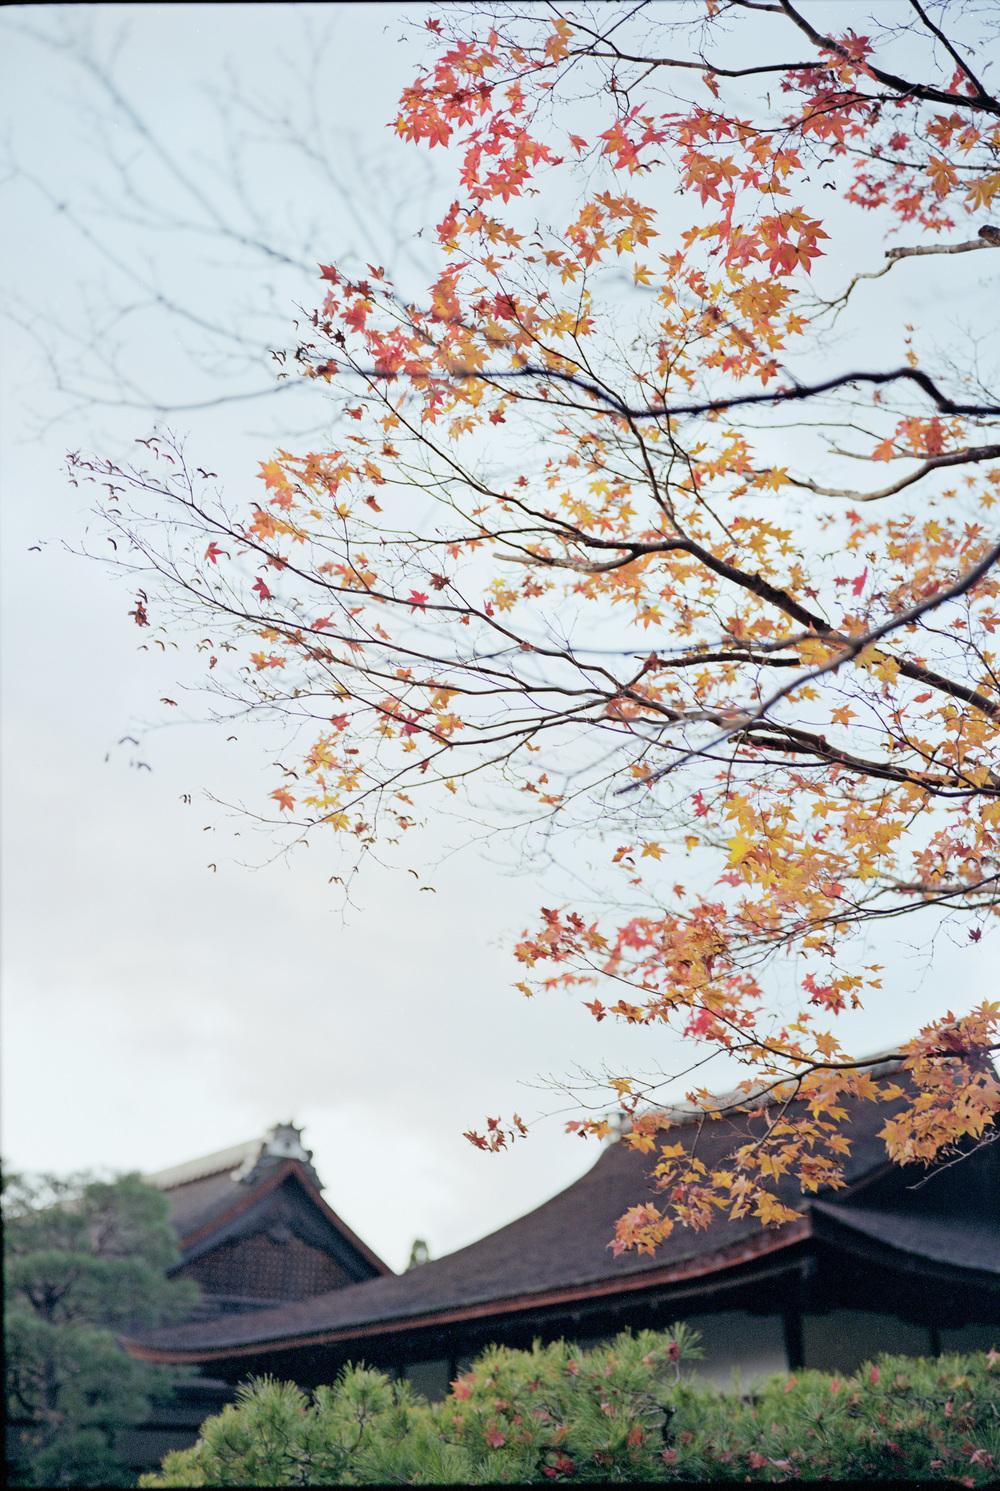 Fuji GW690, Kodak Portra 400